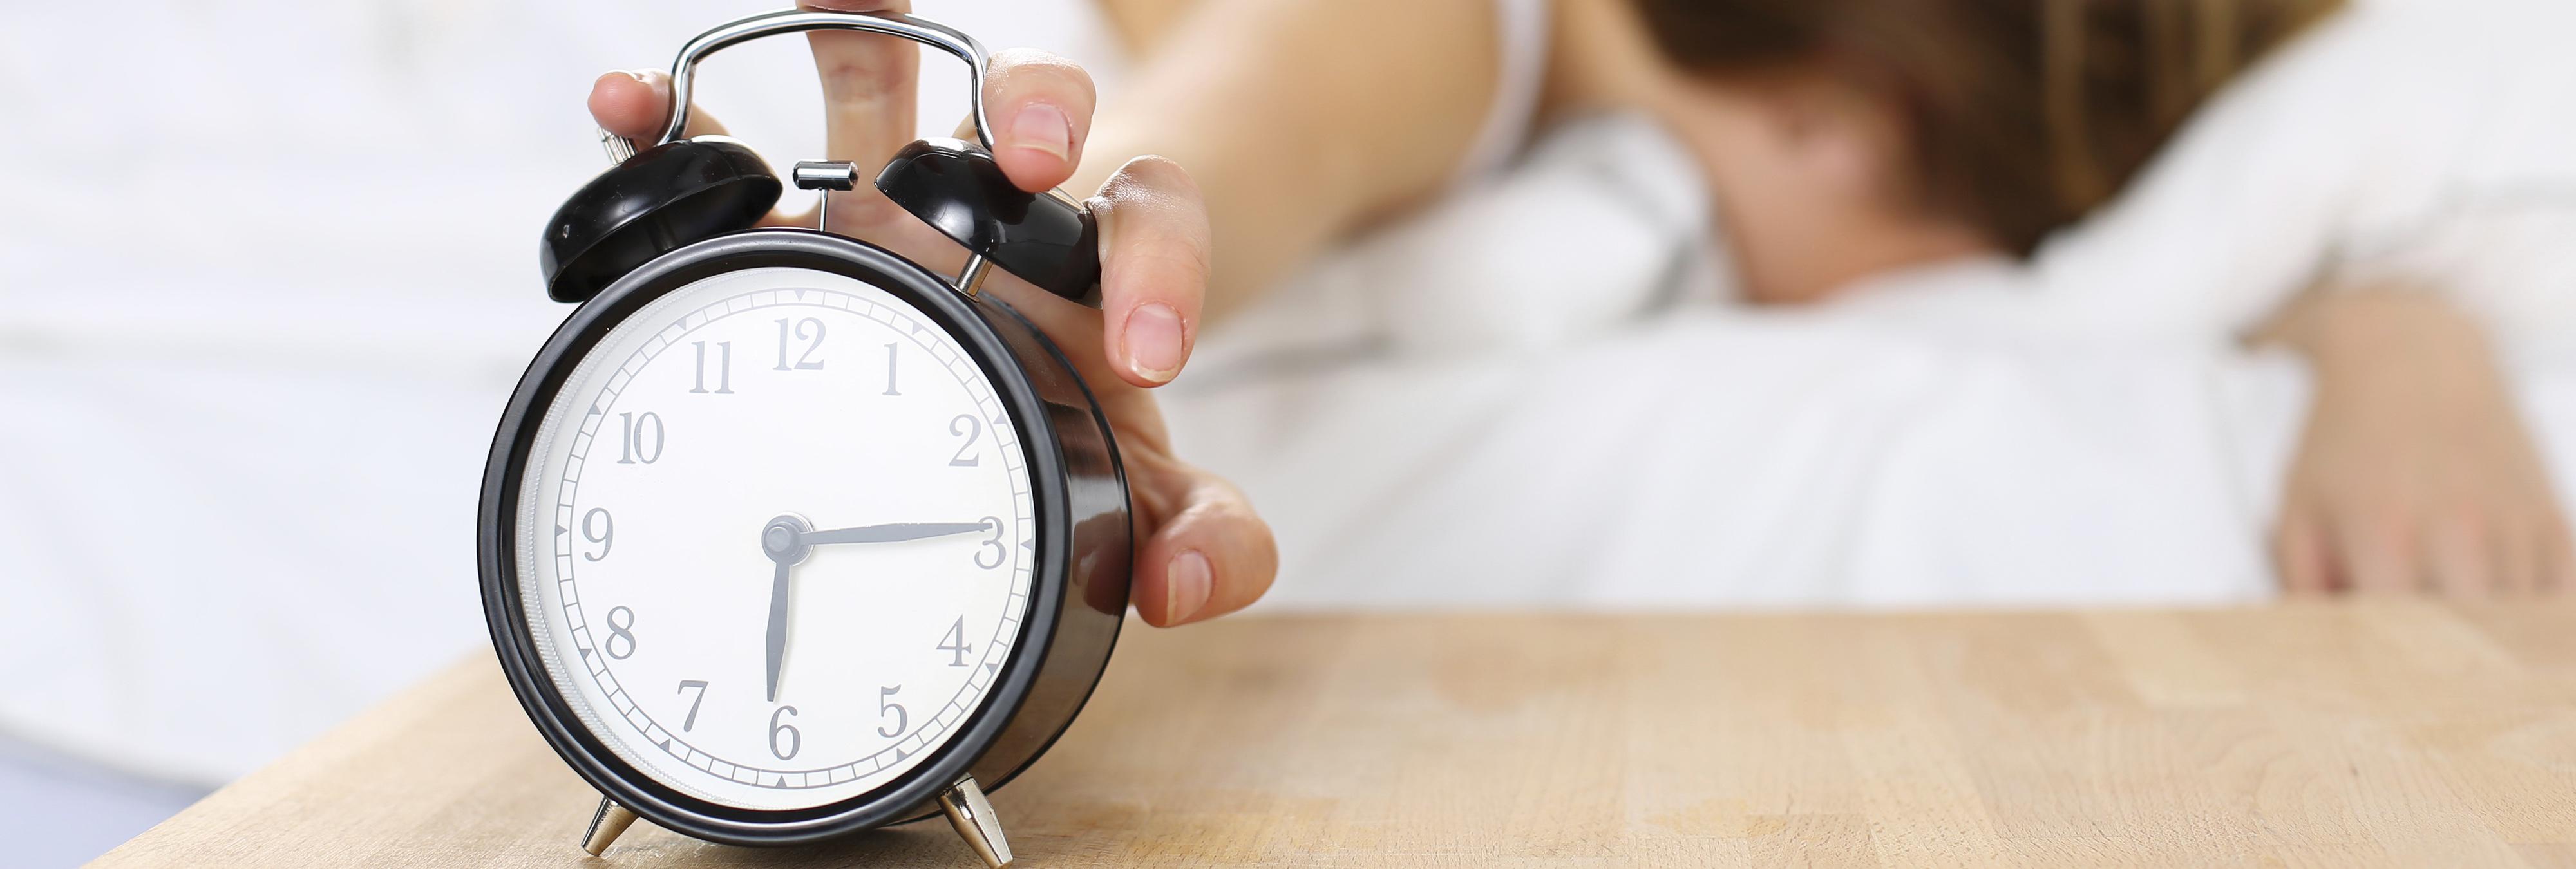 Entrar a trabajar antes de las 9 de la mañana es 'torturar', según un investigador británico